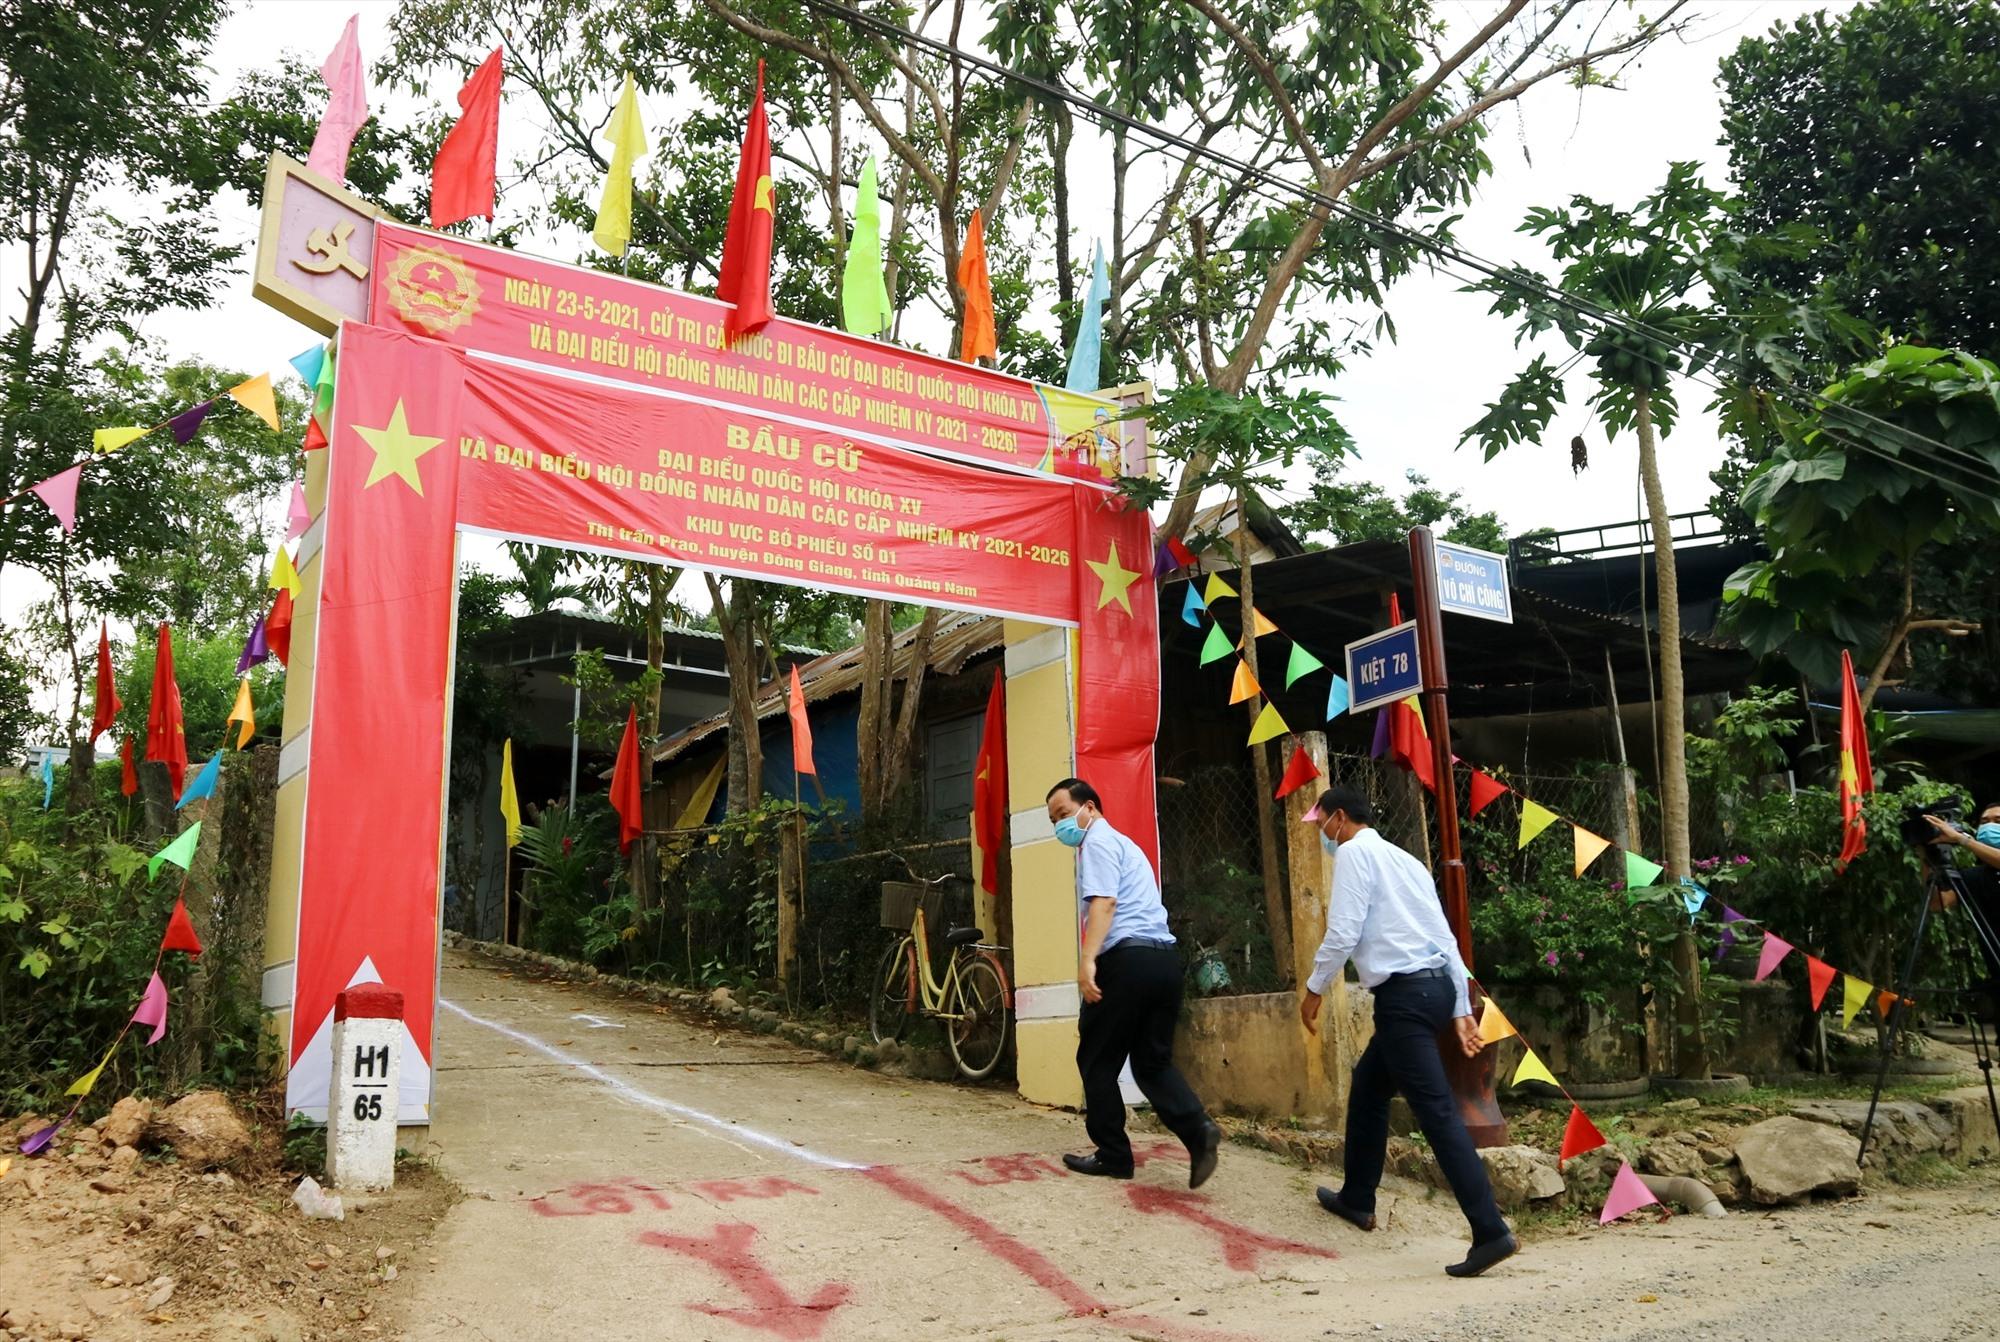 Nhiều ngày qua, các đoàn kiểm tra liên tục đến tận cơ sở, tham gia góp ý cho công tác chuẩn bị bầu cử được diễn ra thành công.